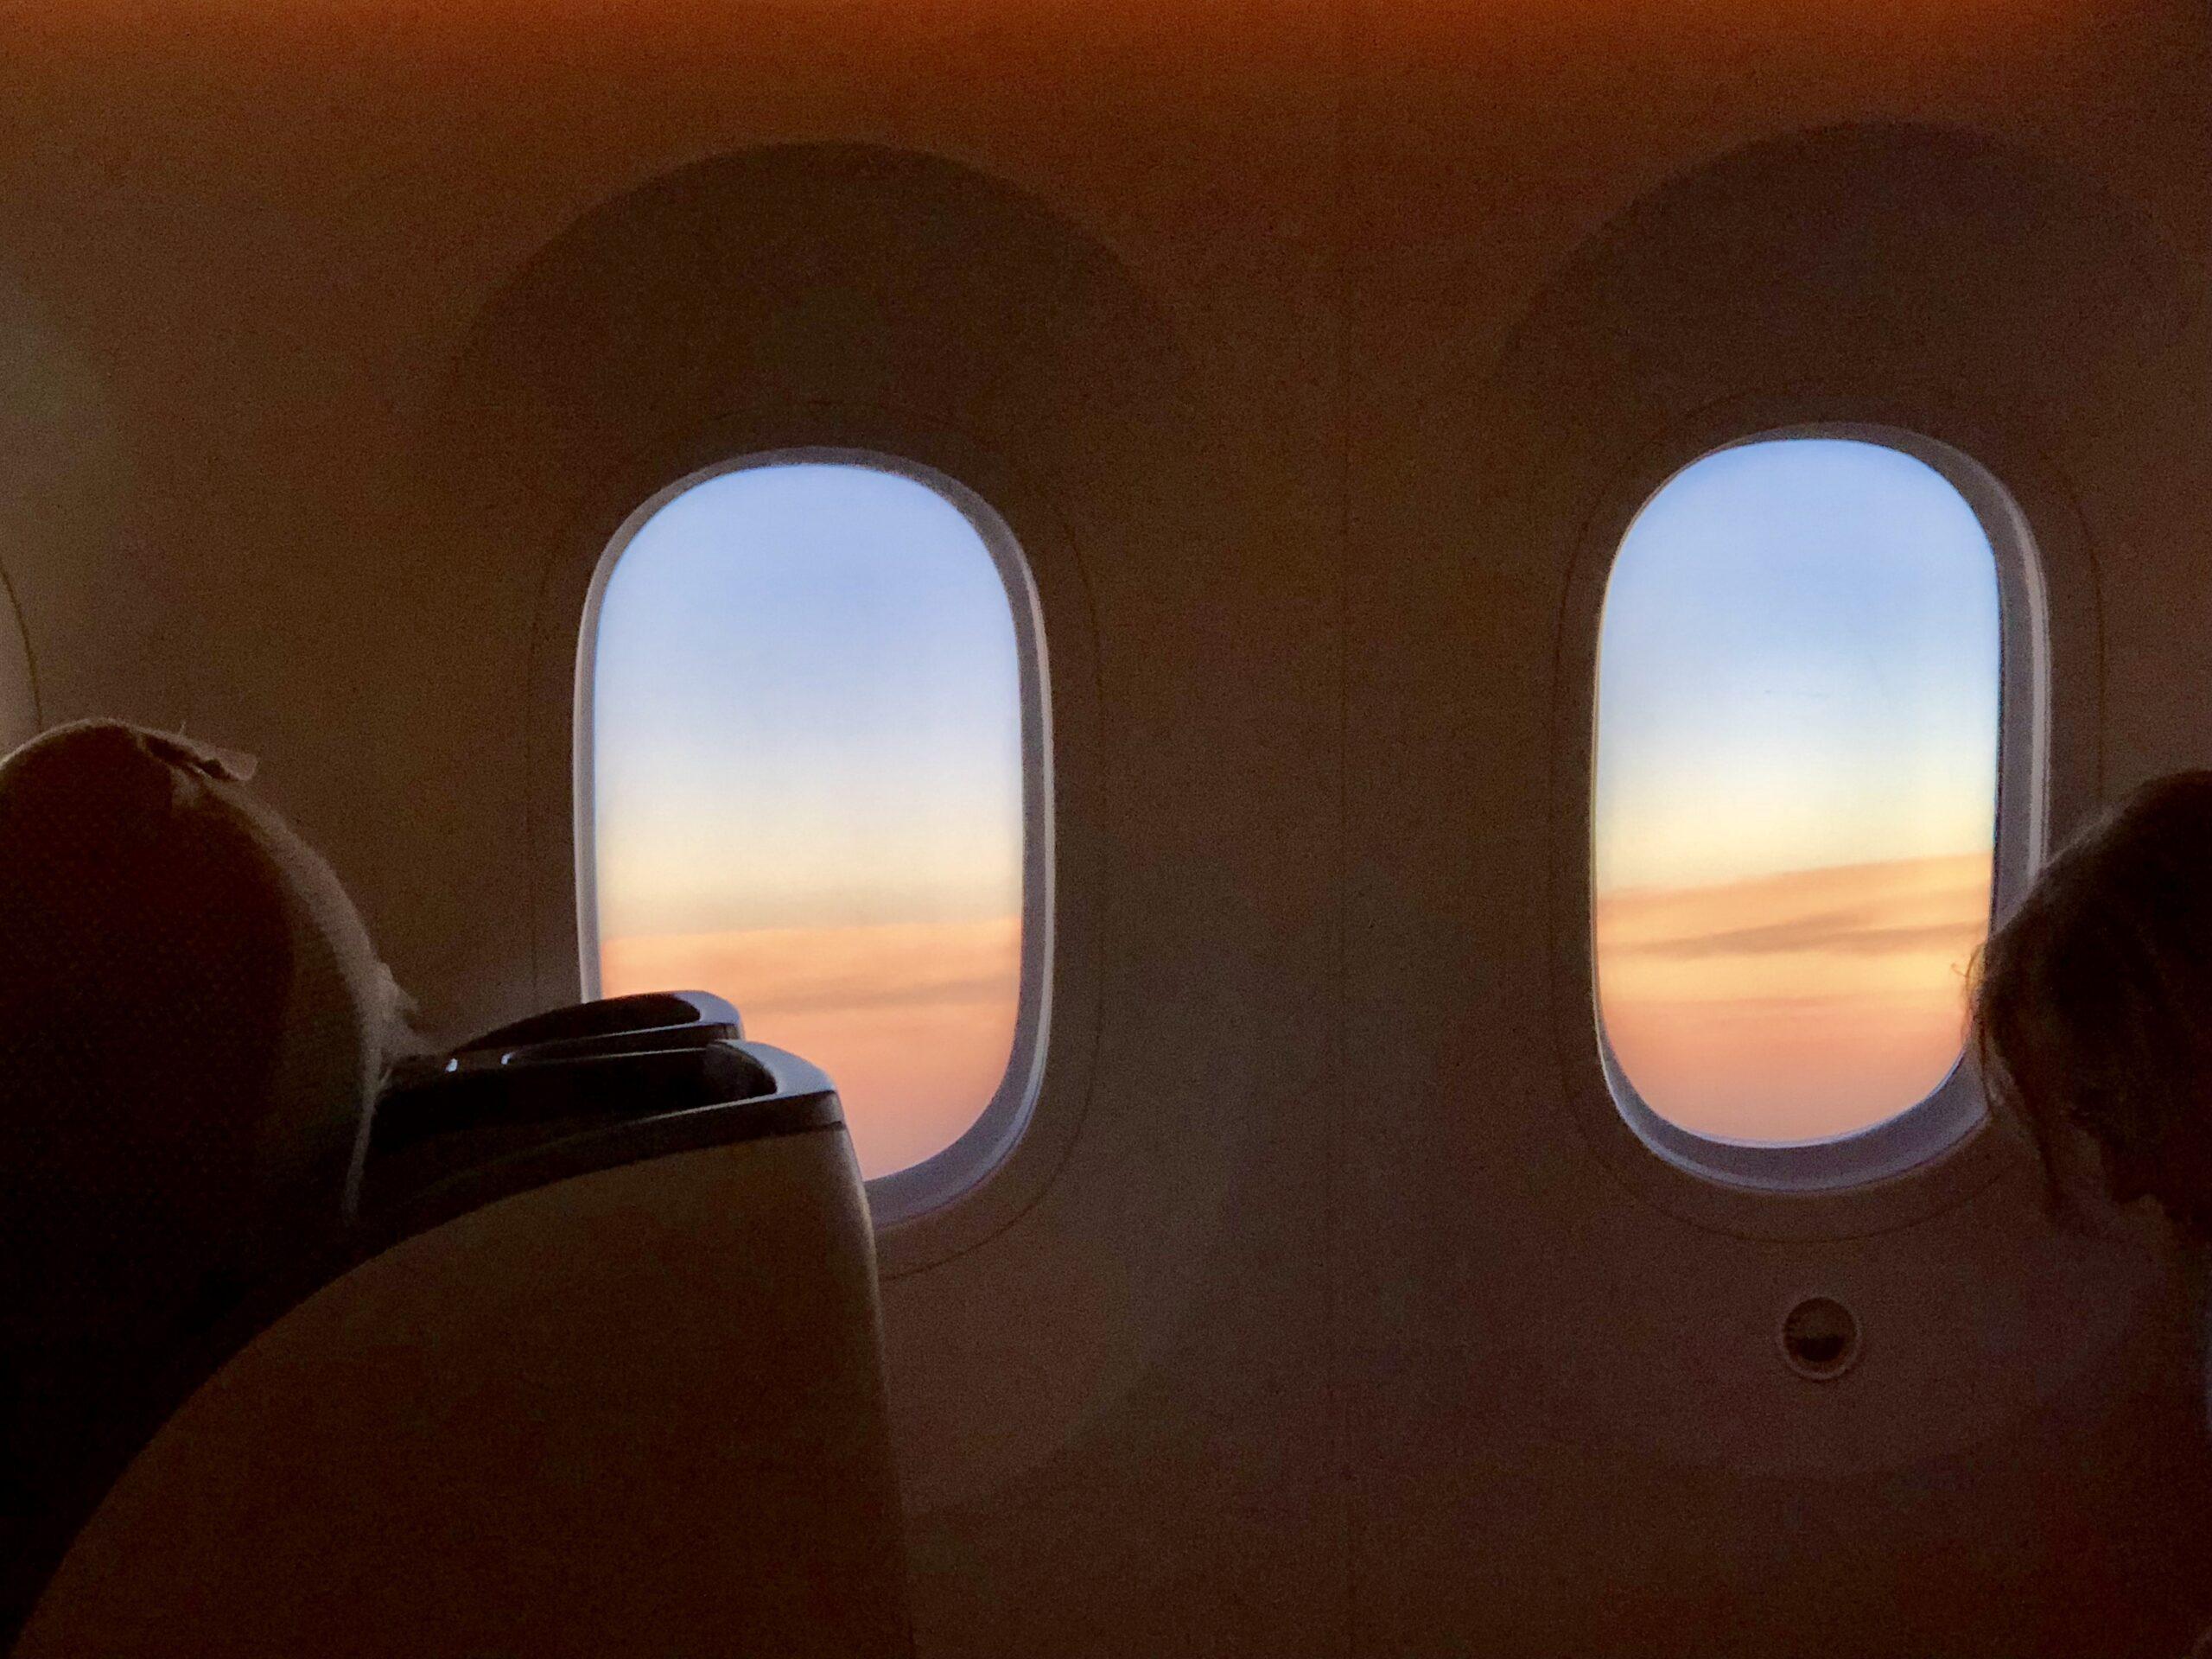 The Windows on the inaugural flight of Kenya Airways JFK to Nairobi